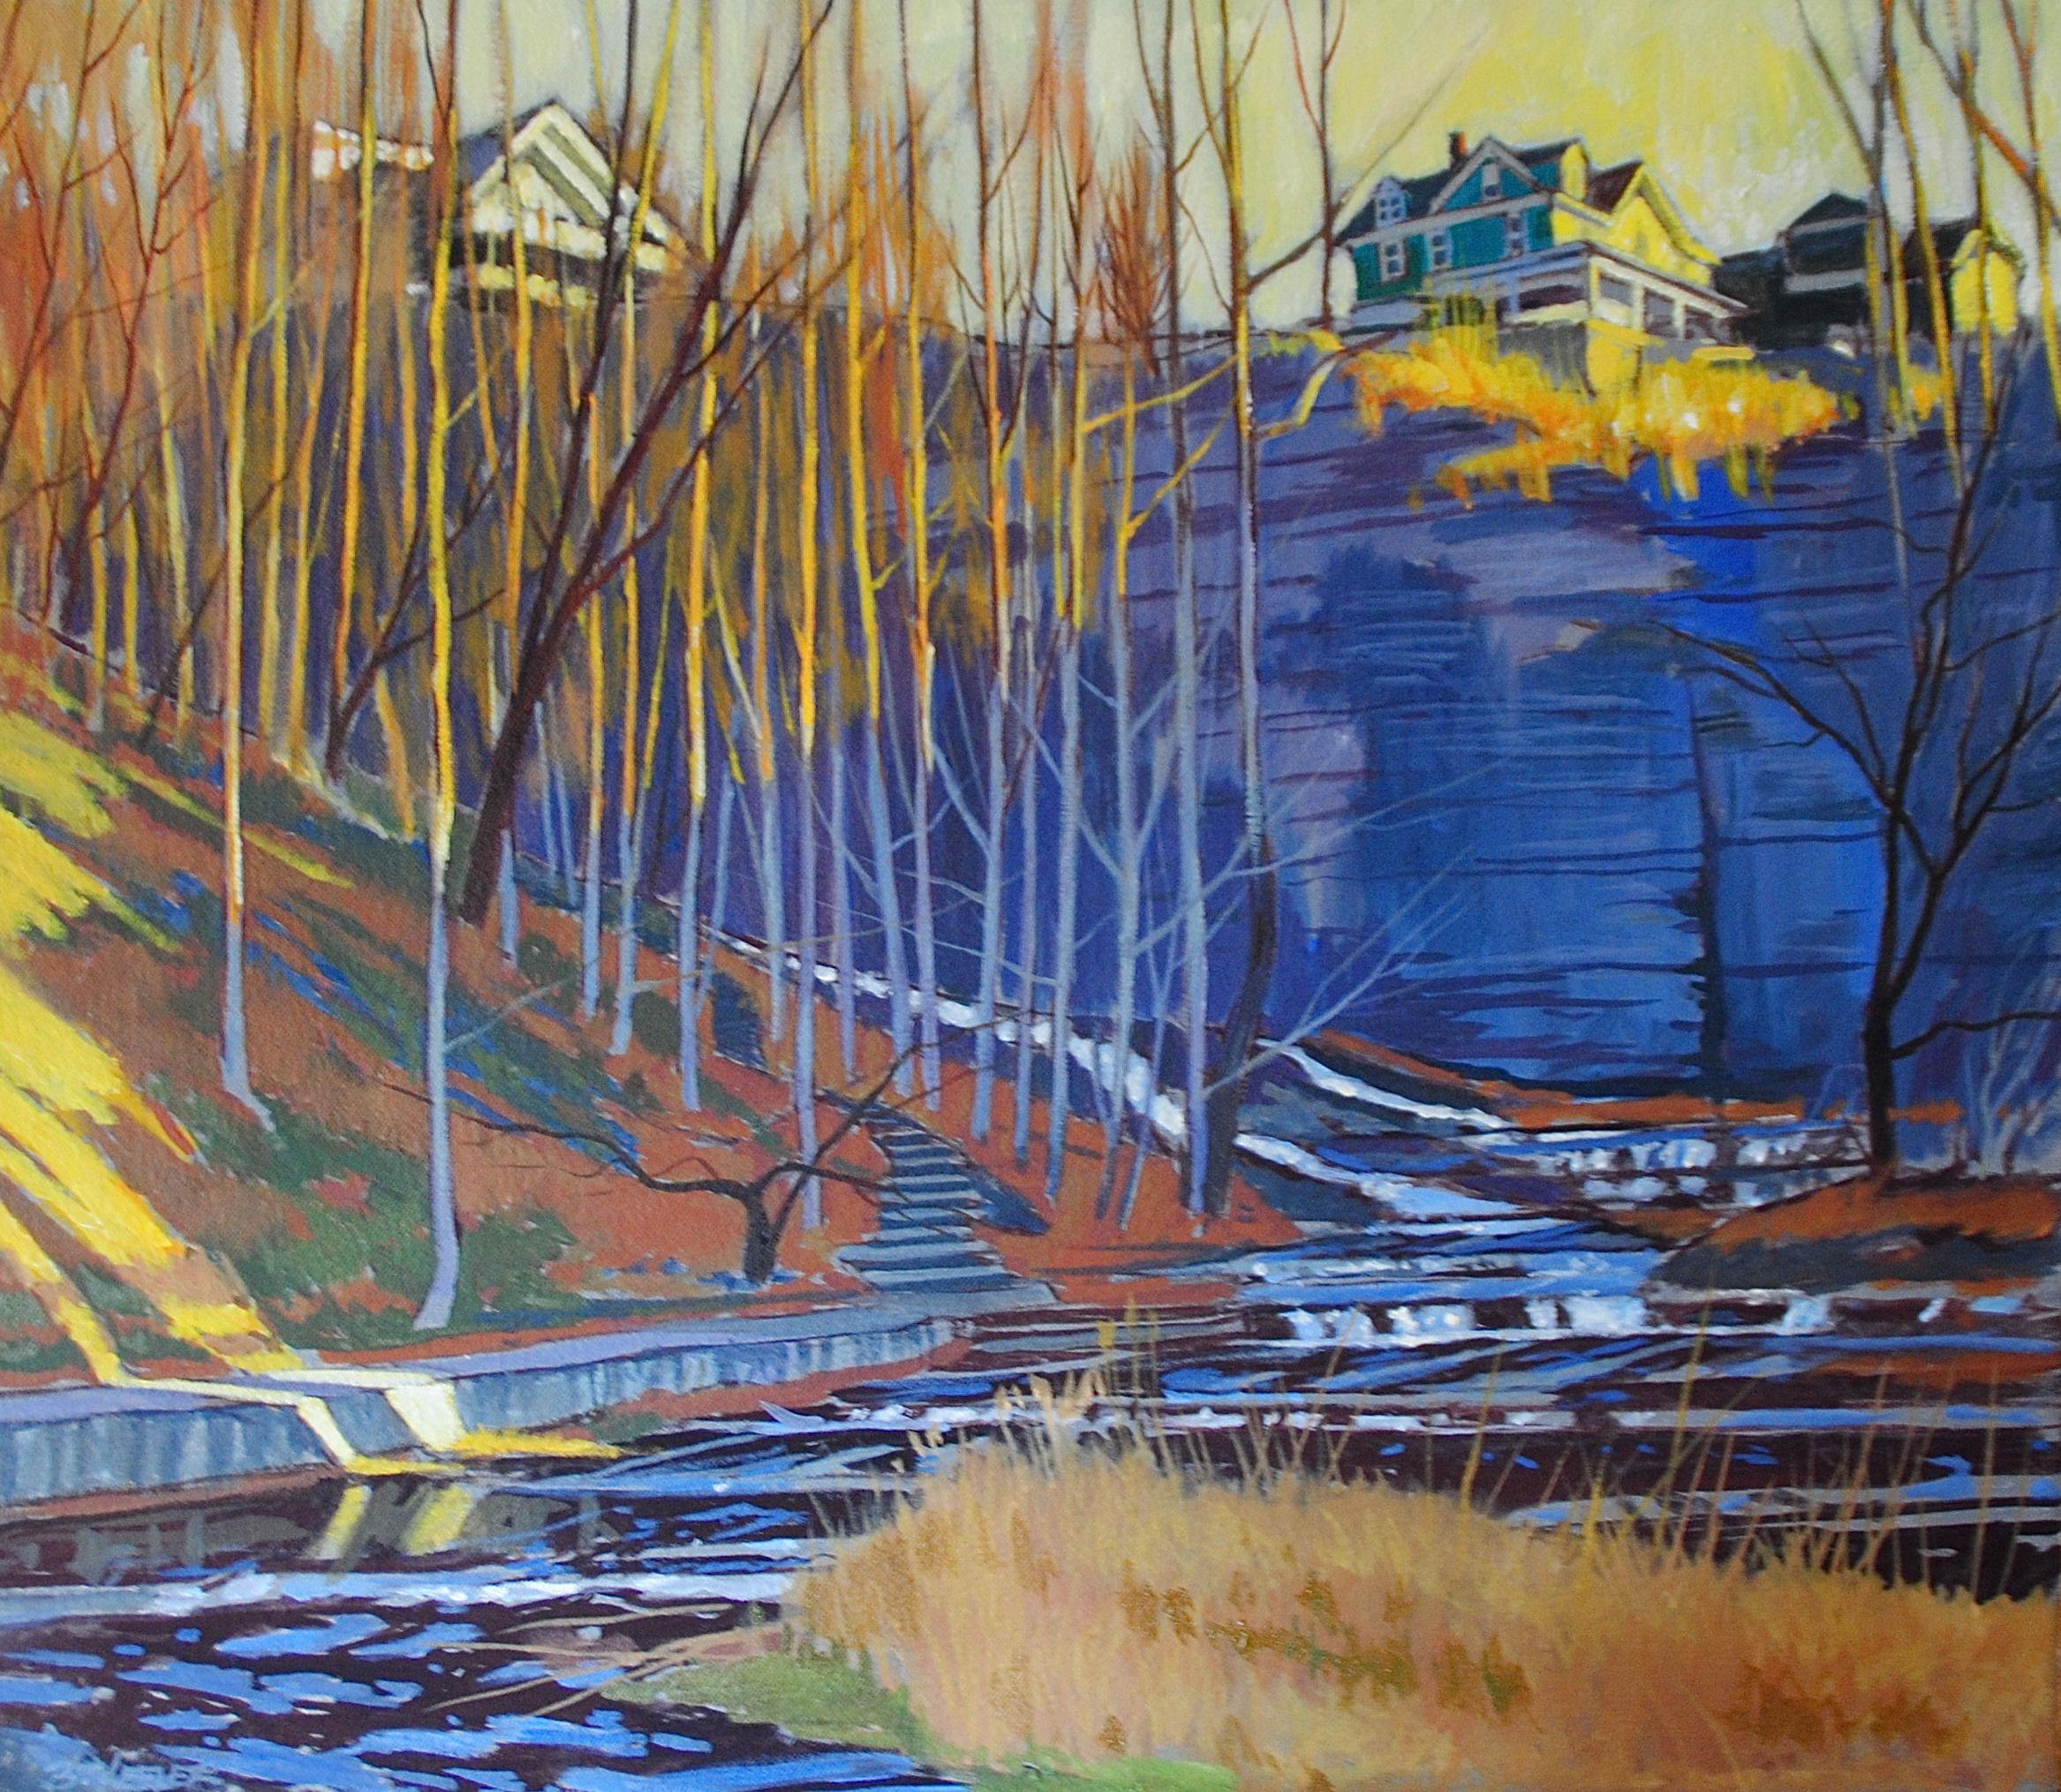 Cliff Dwellers-Cascadilla Gorge